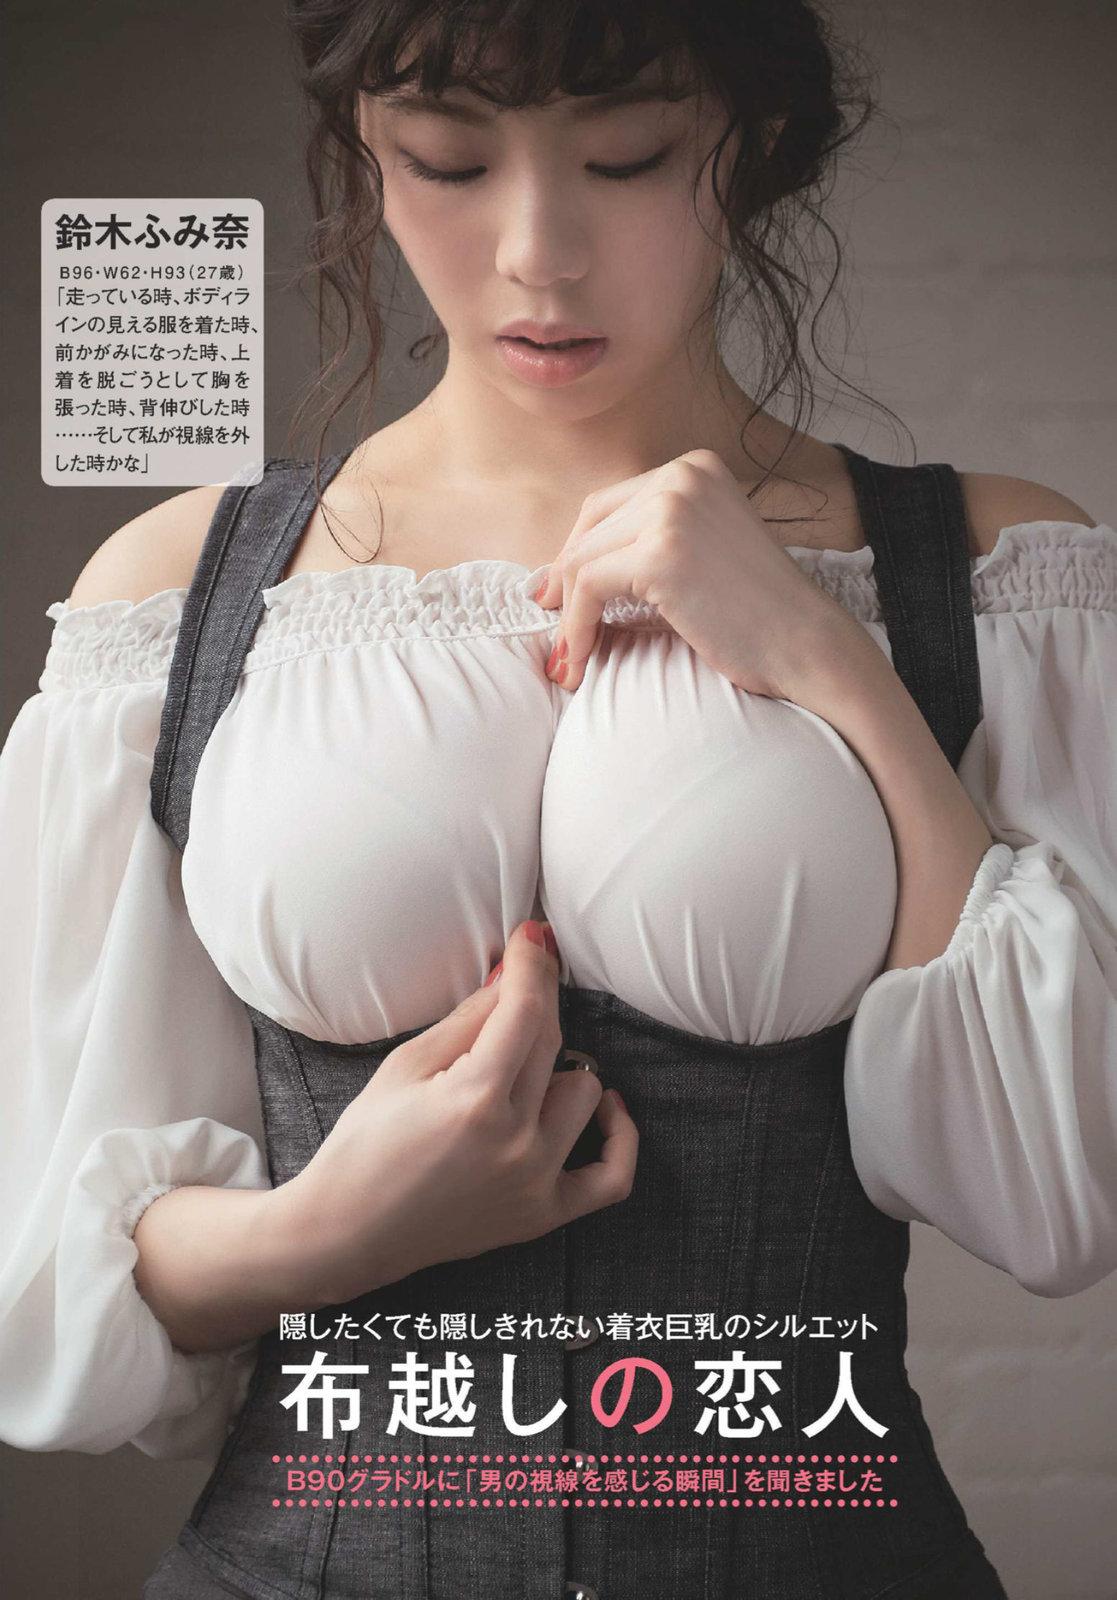 suzuki_fumina221.jpg